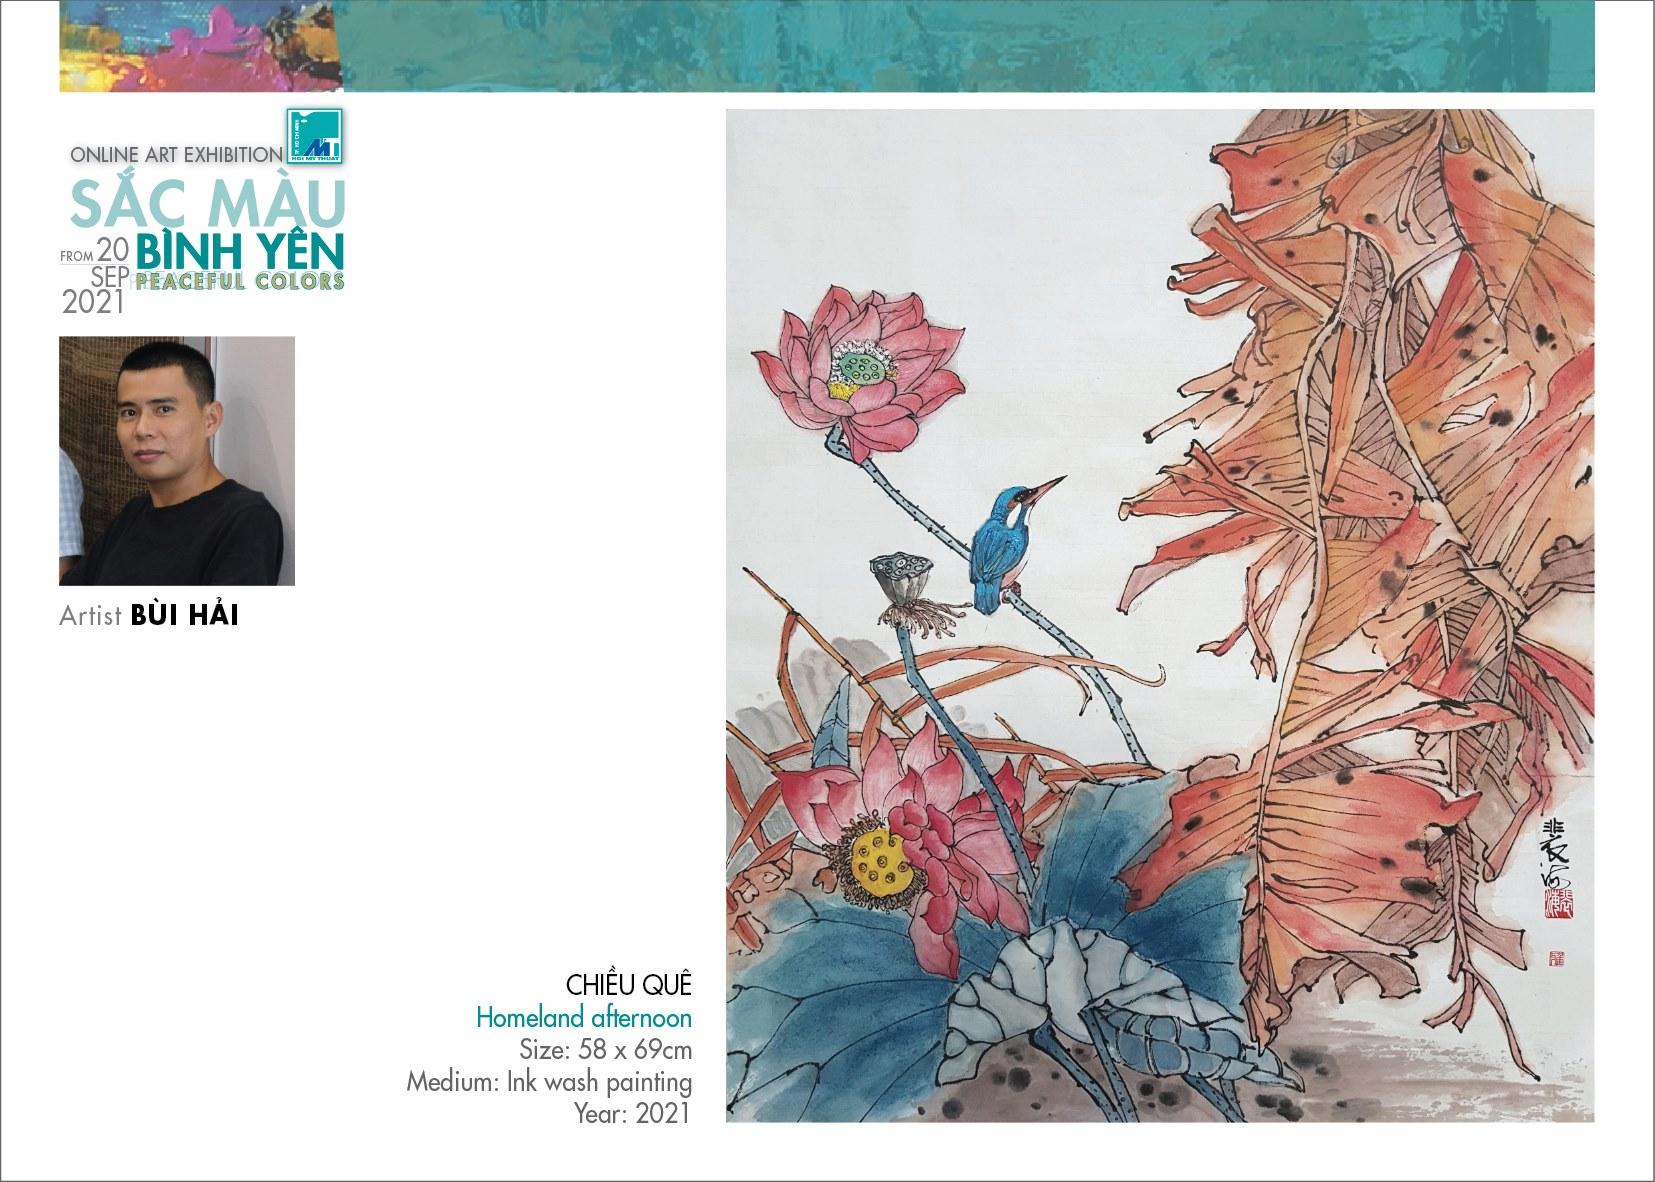 Tranh thủy mặc Chiều quê của họa sĩ người Hoa Bùi Hải